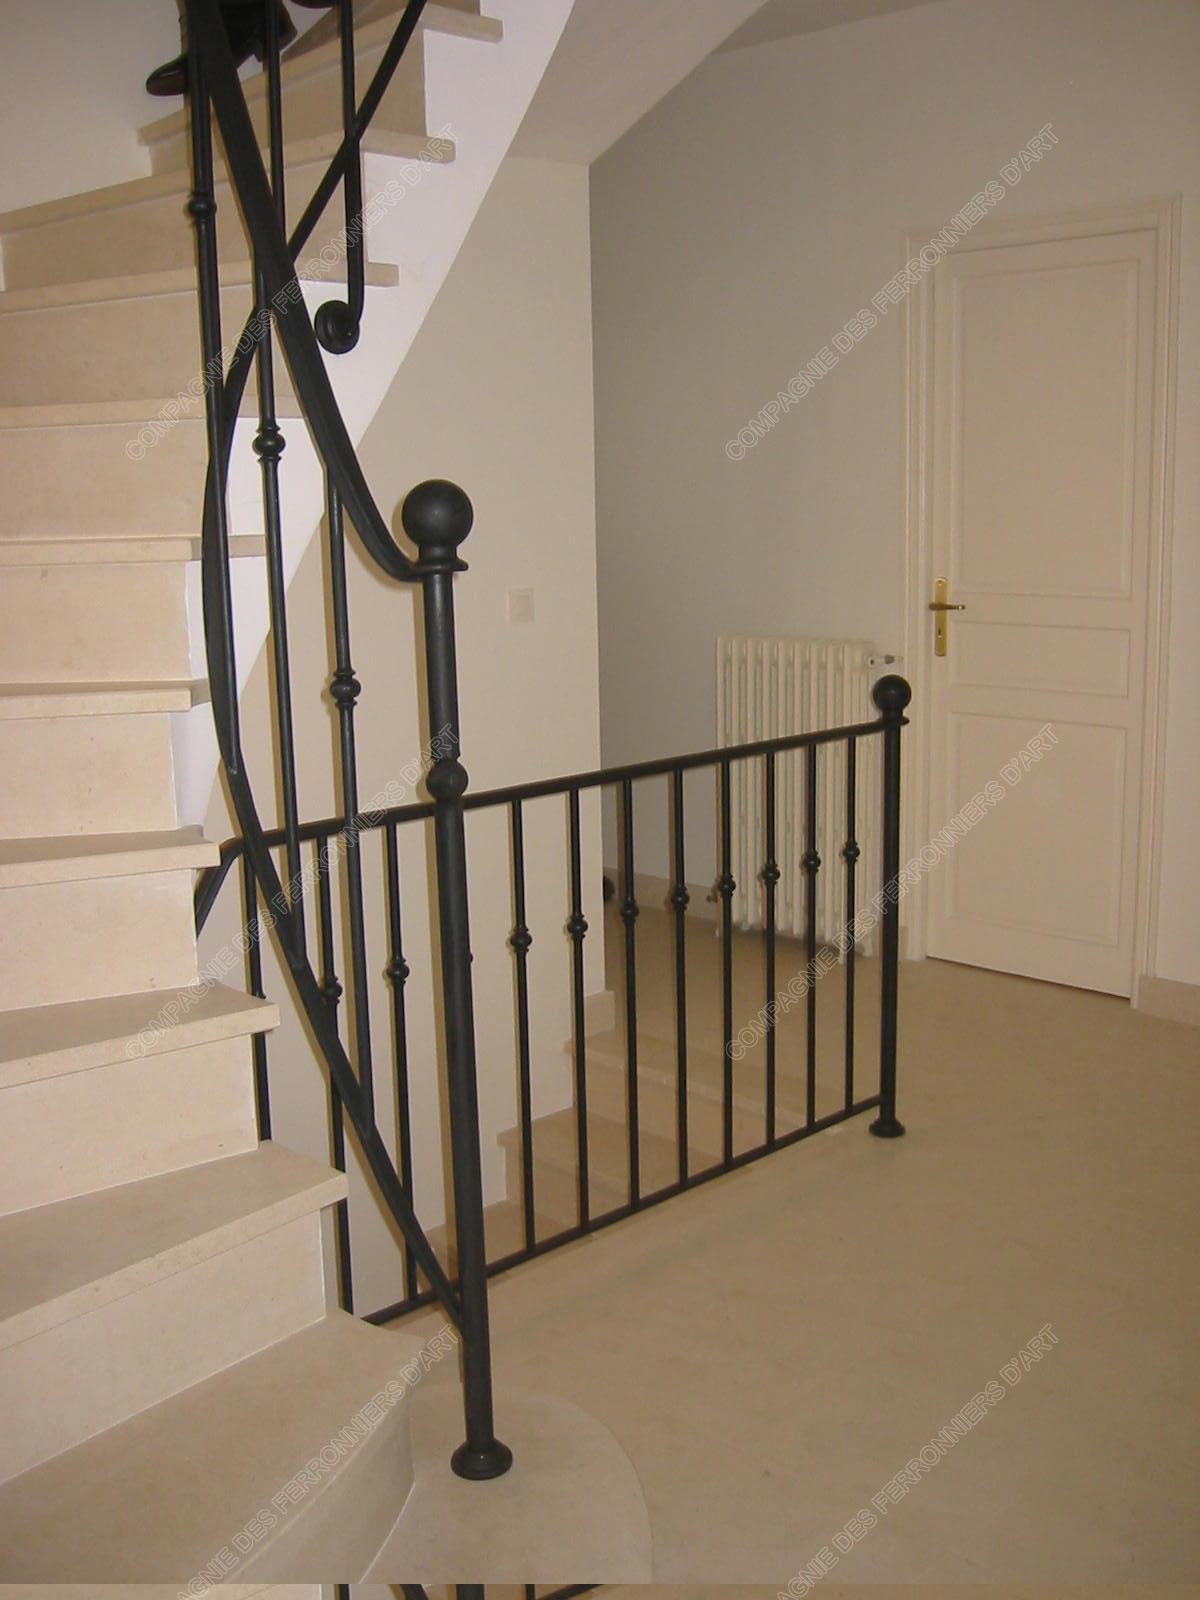 rampes d 39 escalier en fer forg design fonctionnel mod le barreaux. Black Bedroom Furniture Sets. Home Design Ideas